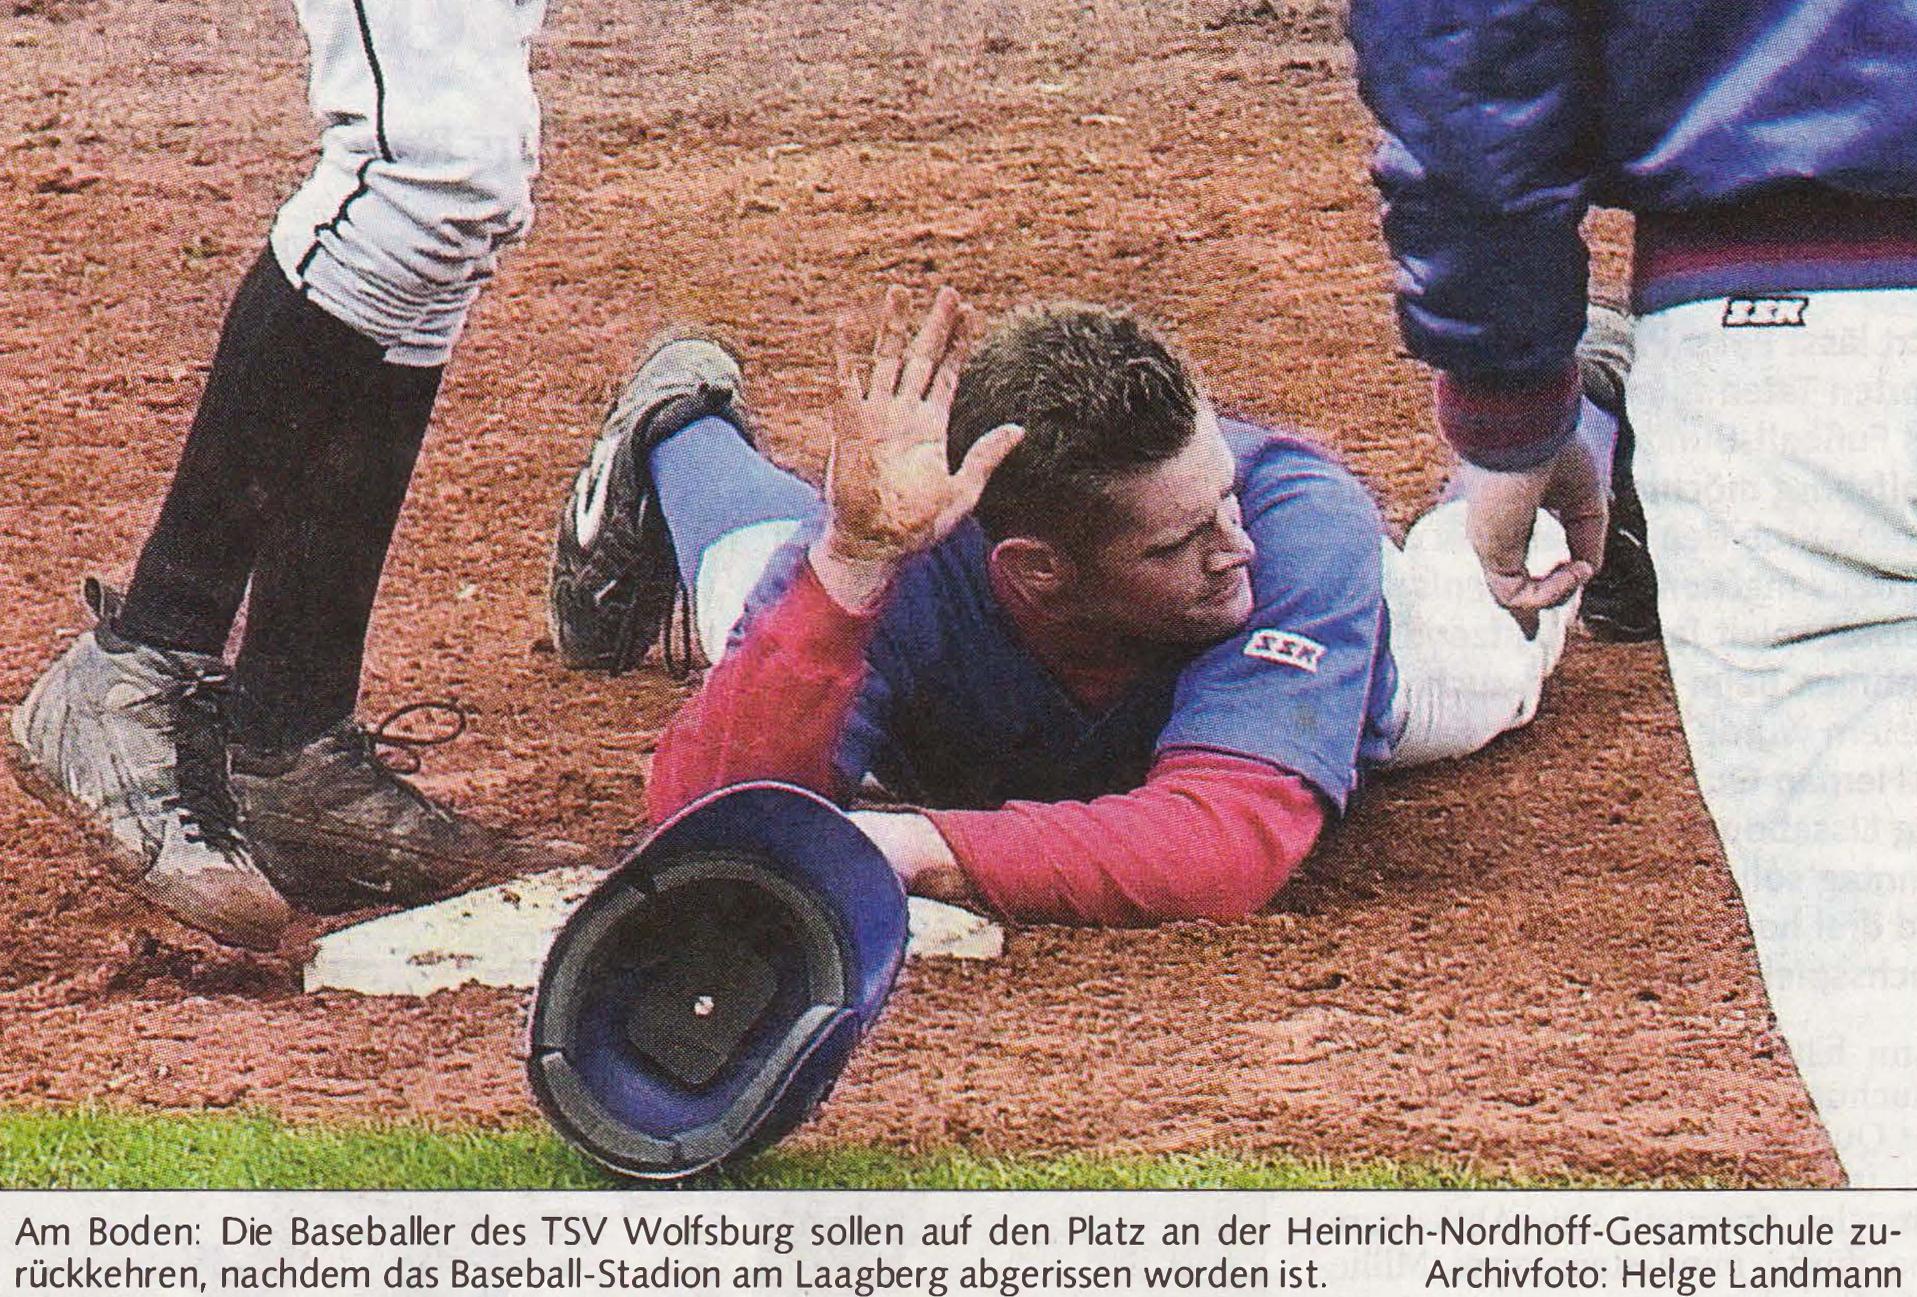 Am Boden: Die Baseballer des TSV Wolfsburg sollen auf den Platz an der Heinrich-Nordhoff-Gesamtschule zurückkehren, nachdem das Baseball-Stadion am Laagberg abgerissen worden ist. Archivfoto: Helge Landmann